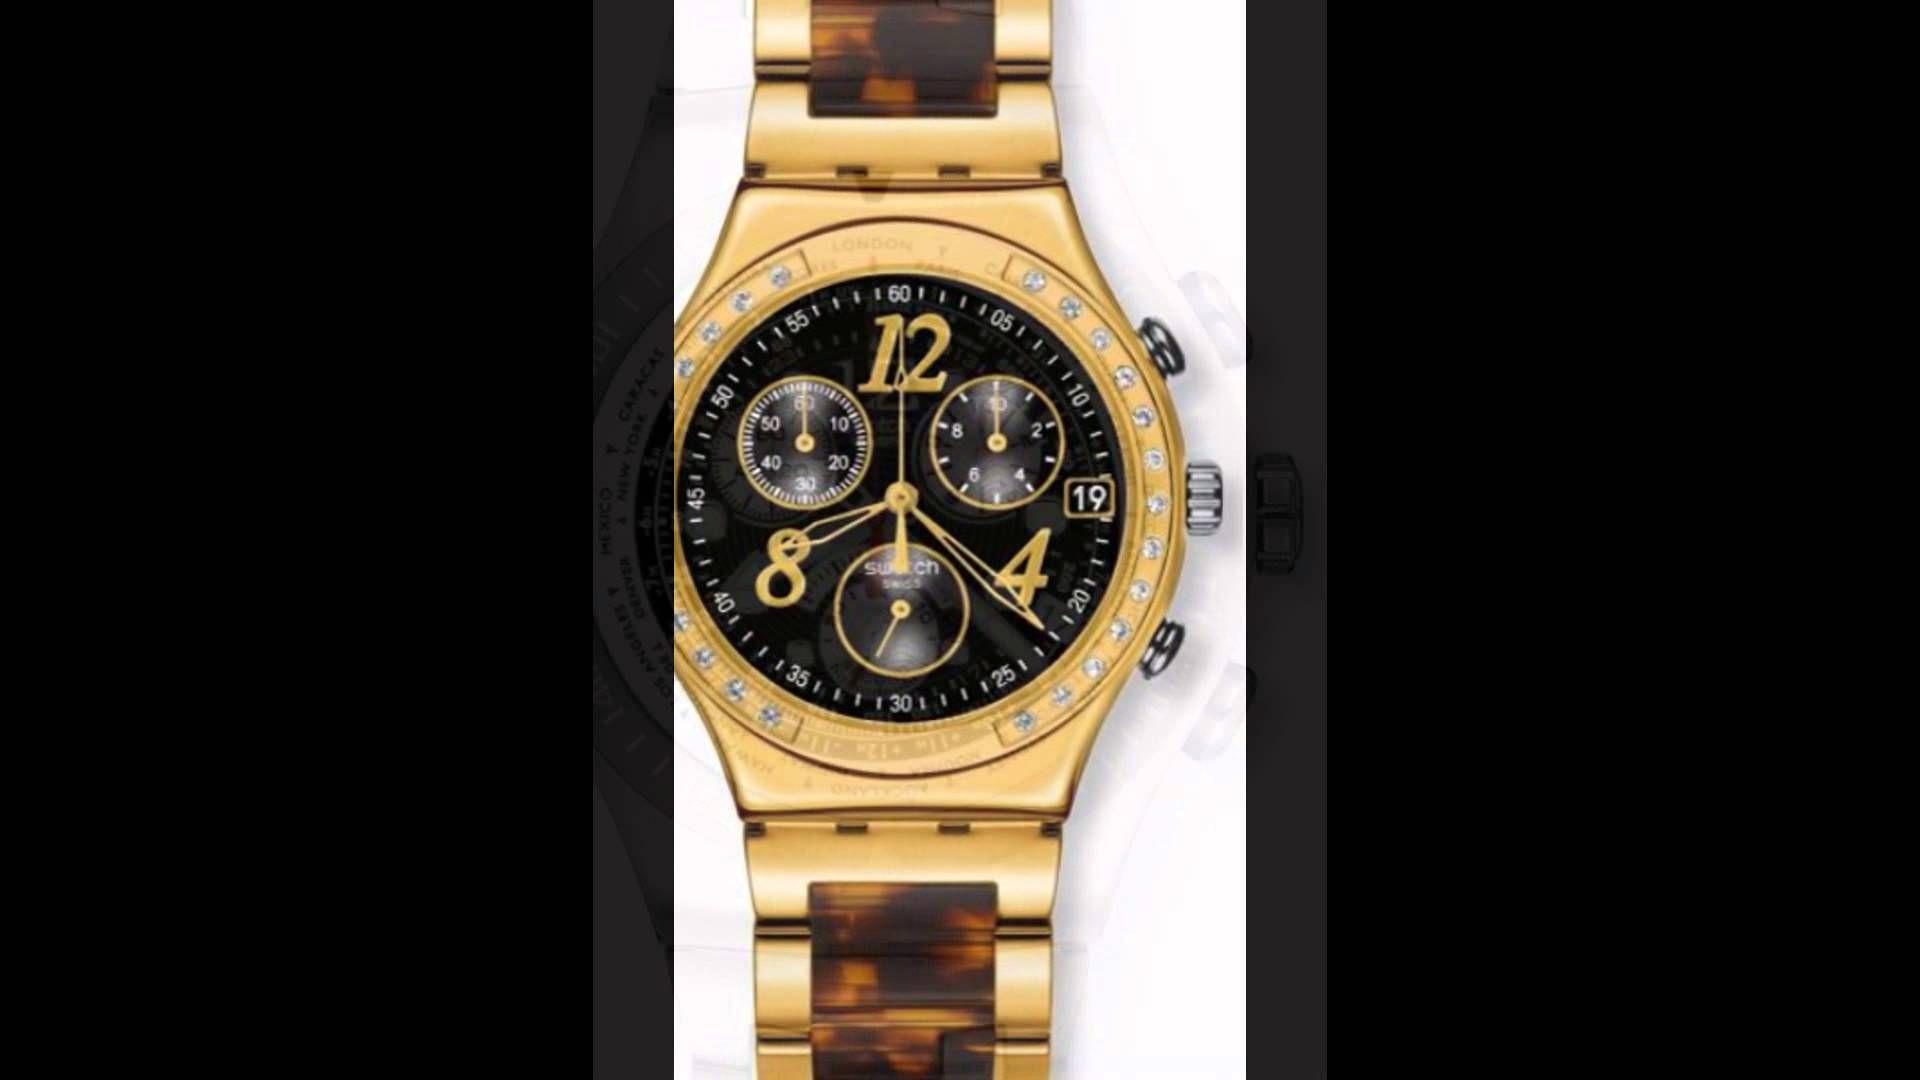 سواتش ساعات تسوق احدث سواتش للبيع Swatch Watch Gold Watch Accessories Gold